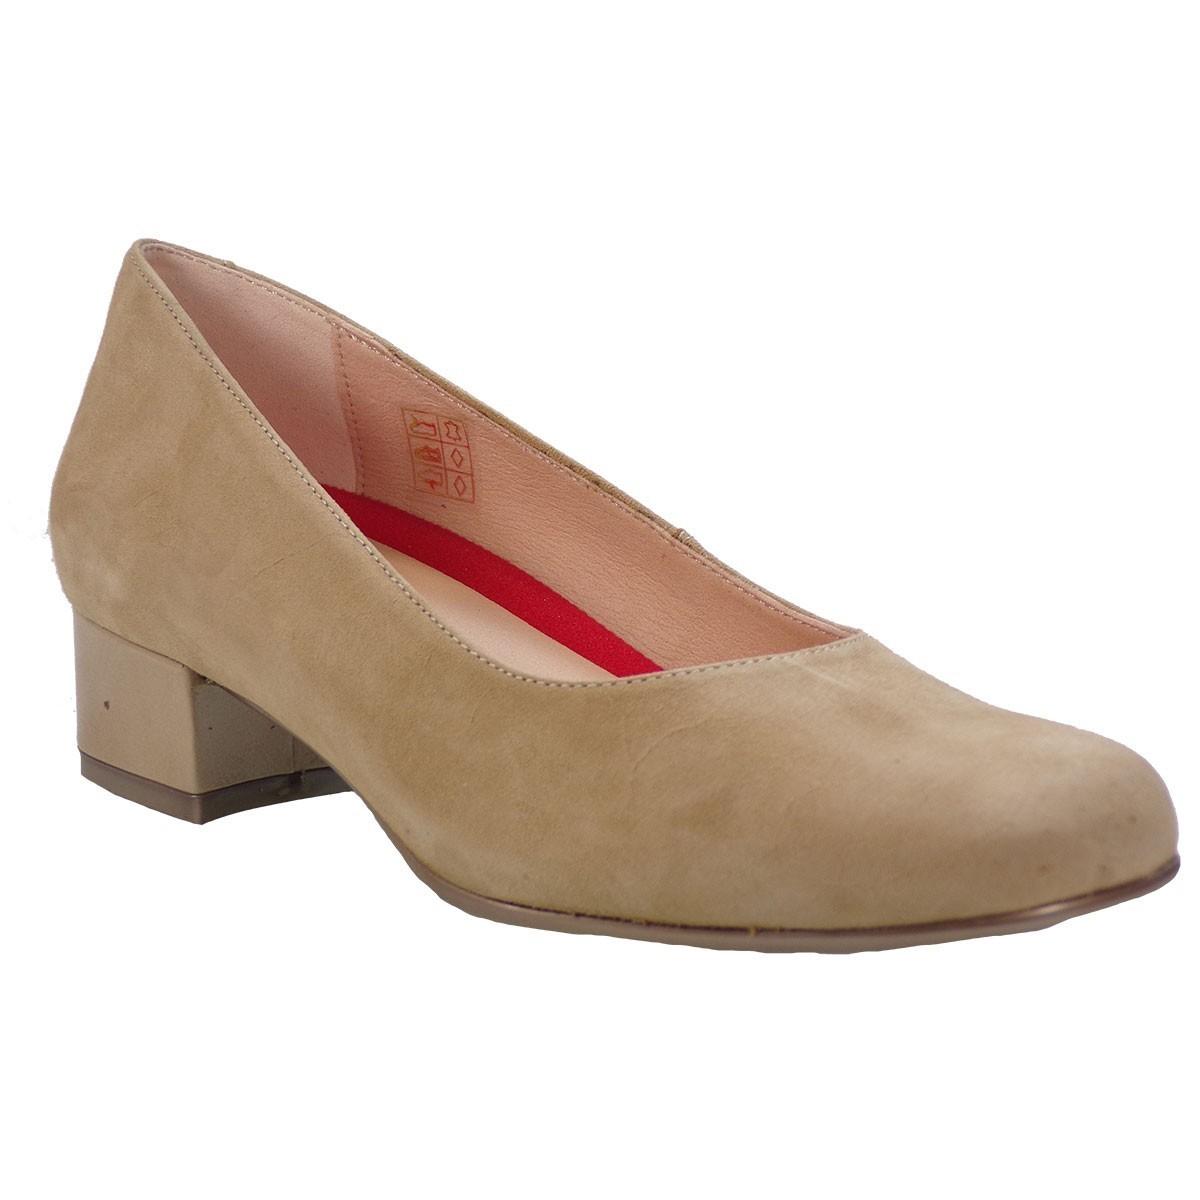 PEPE MENARGUES SHOES Γυναικεία Παπούτσια 1850 Μπέζ Δέρμα